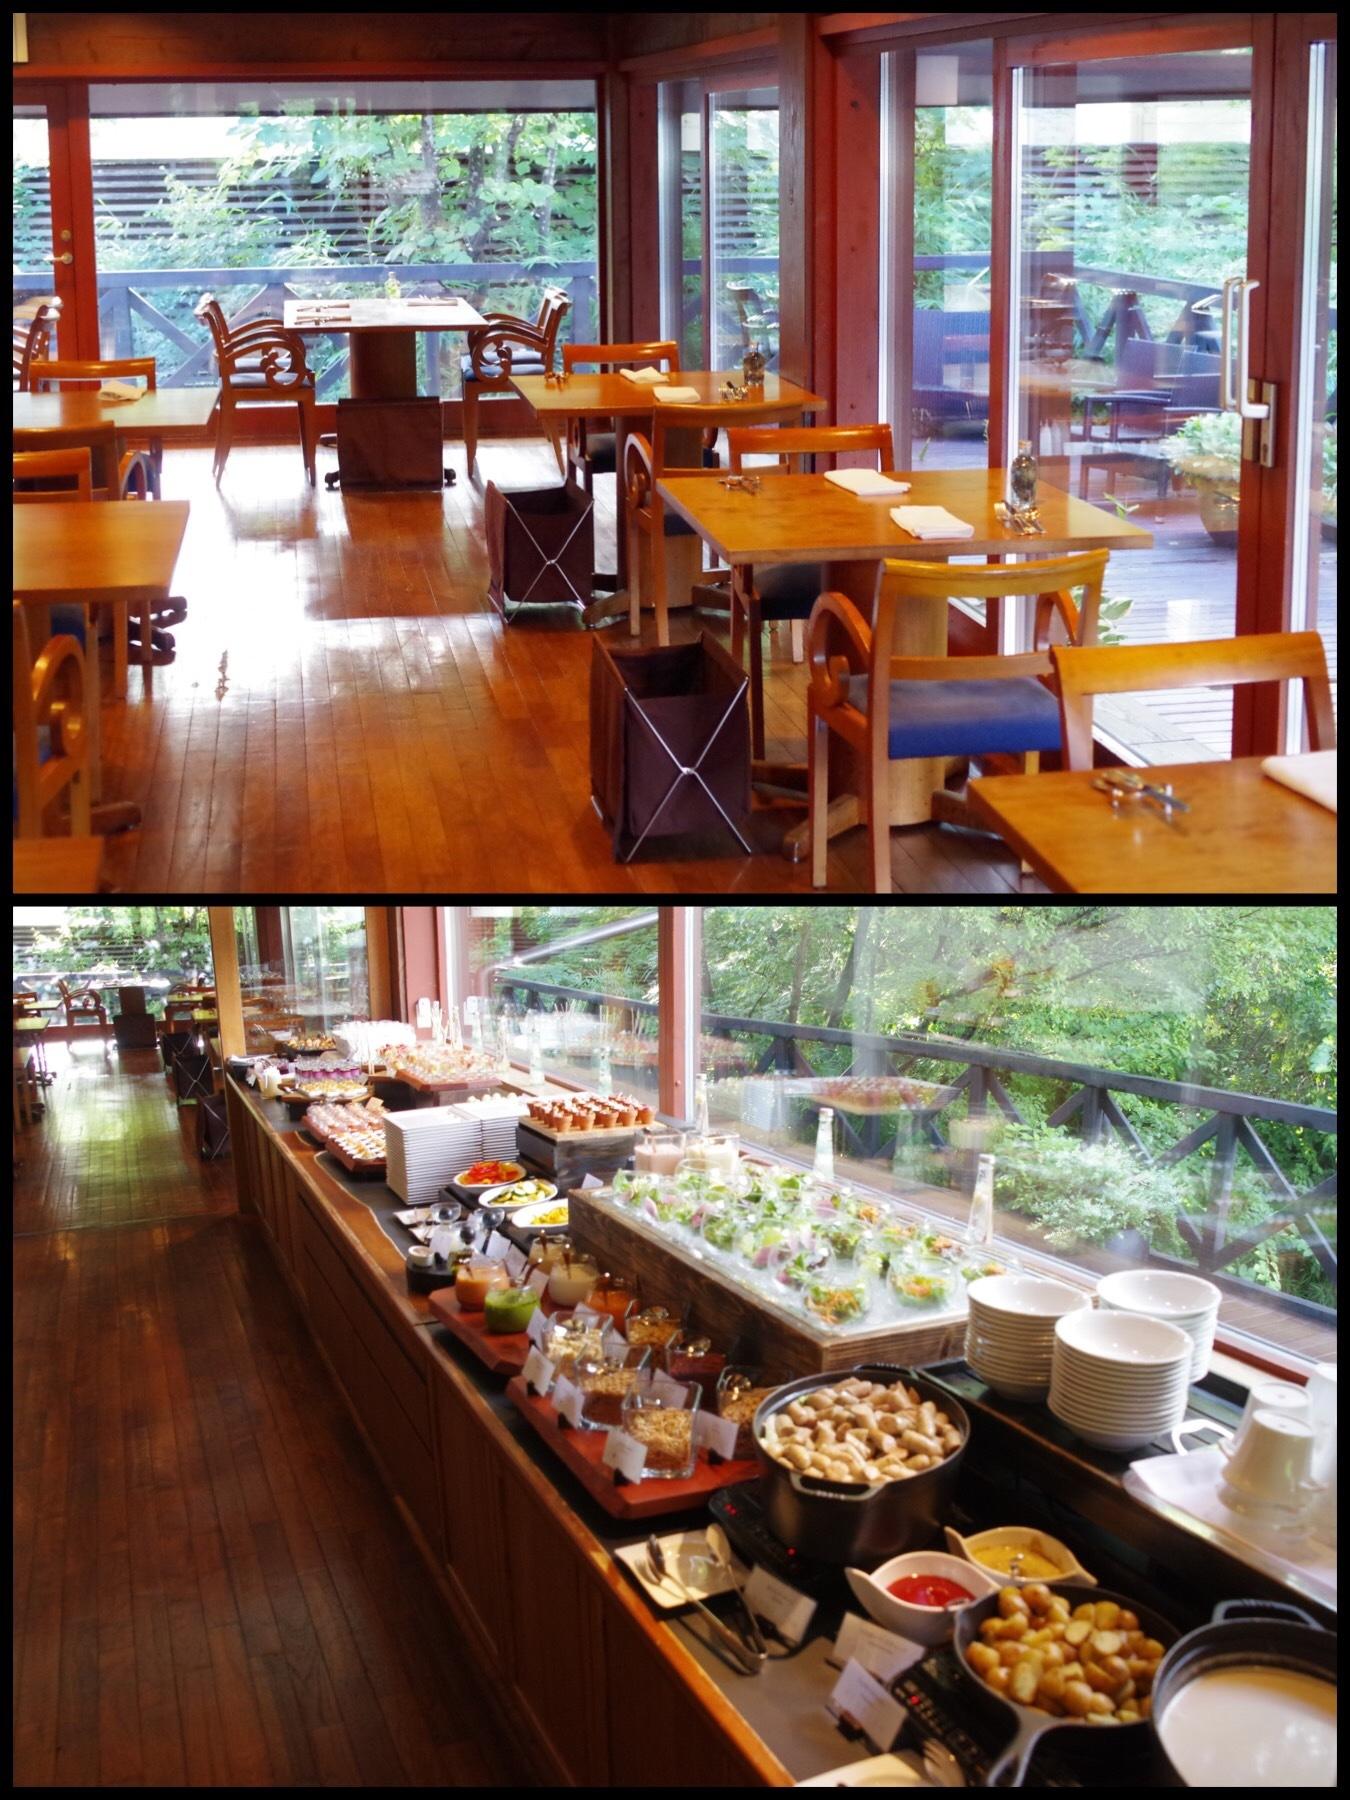 軽井沢ブレストンコートホテル テラスヴィラ ノーマンズレシピ朝食